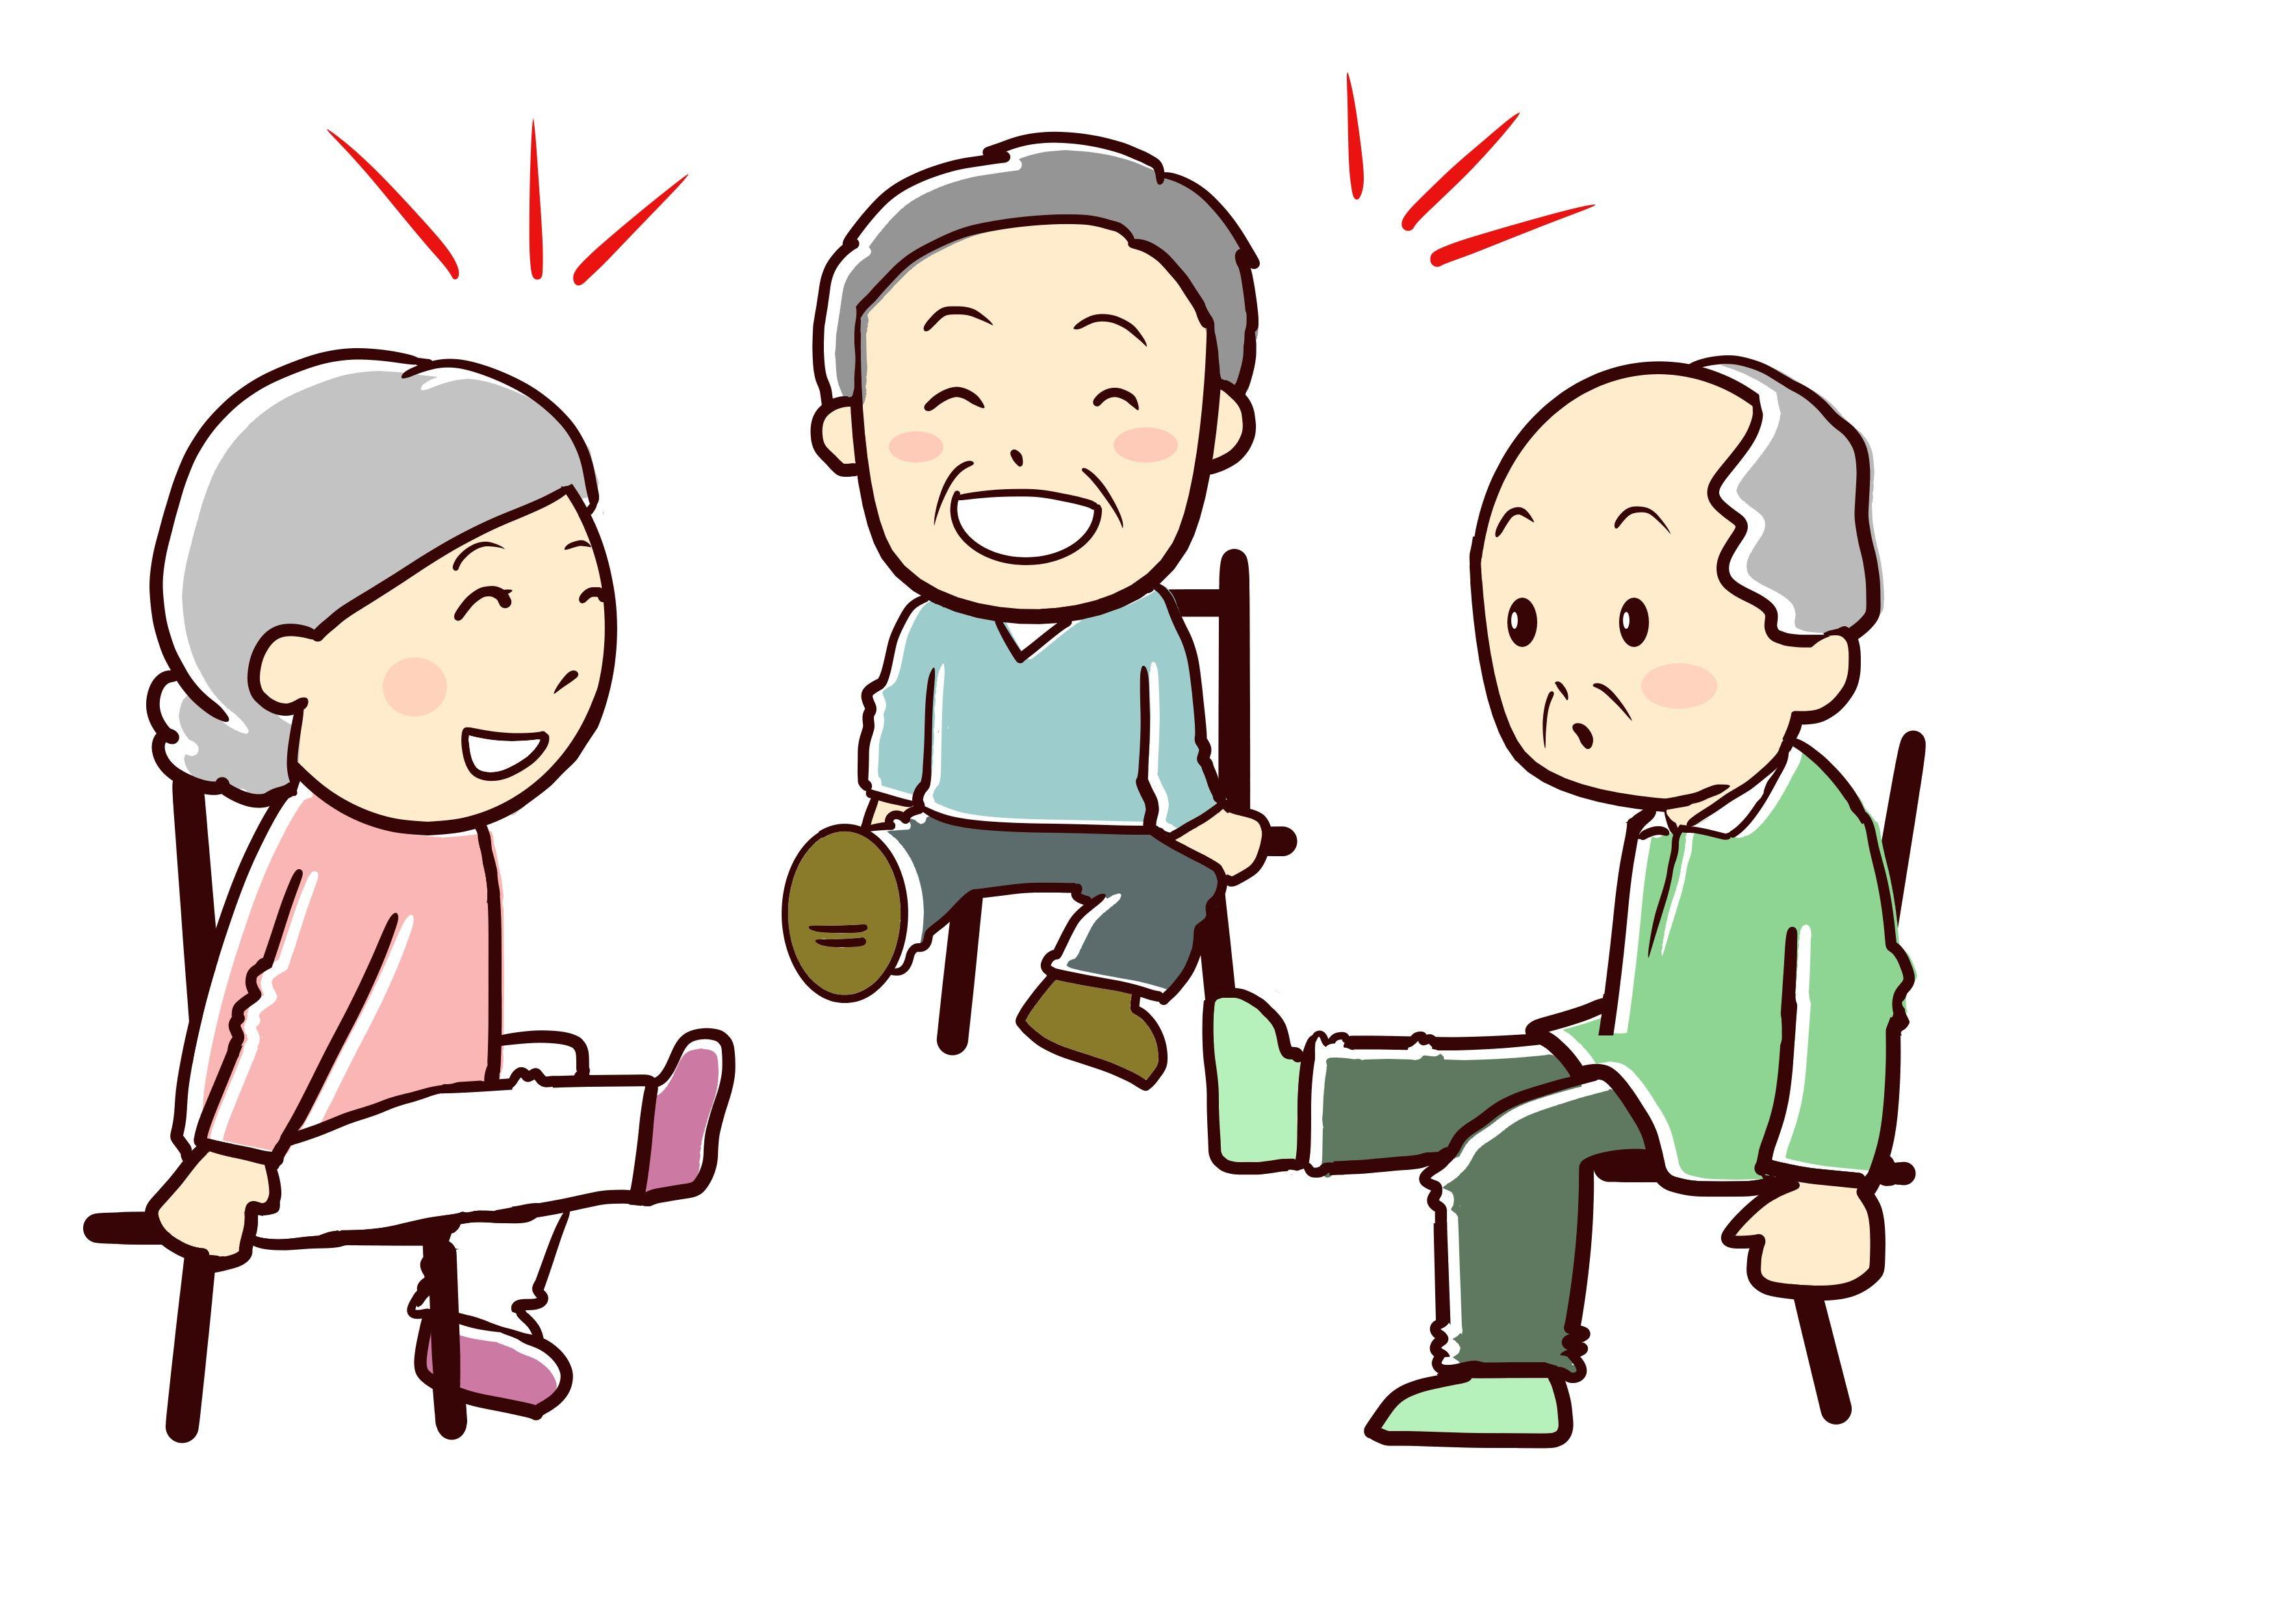 デイサービスのレクリエーションには様々なものがありますね 手を使ったものはゲーム以外にも作品づくりなどがありますし 足を使った足の運動にもなるゲームだってあります しかし よく振り返ってみる 体操 イラスト レクリエーション 高齢者